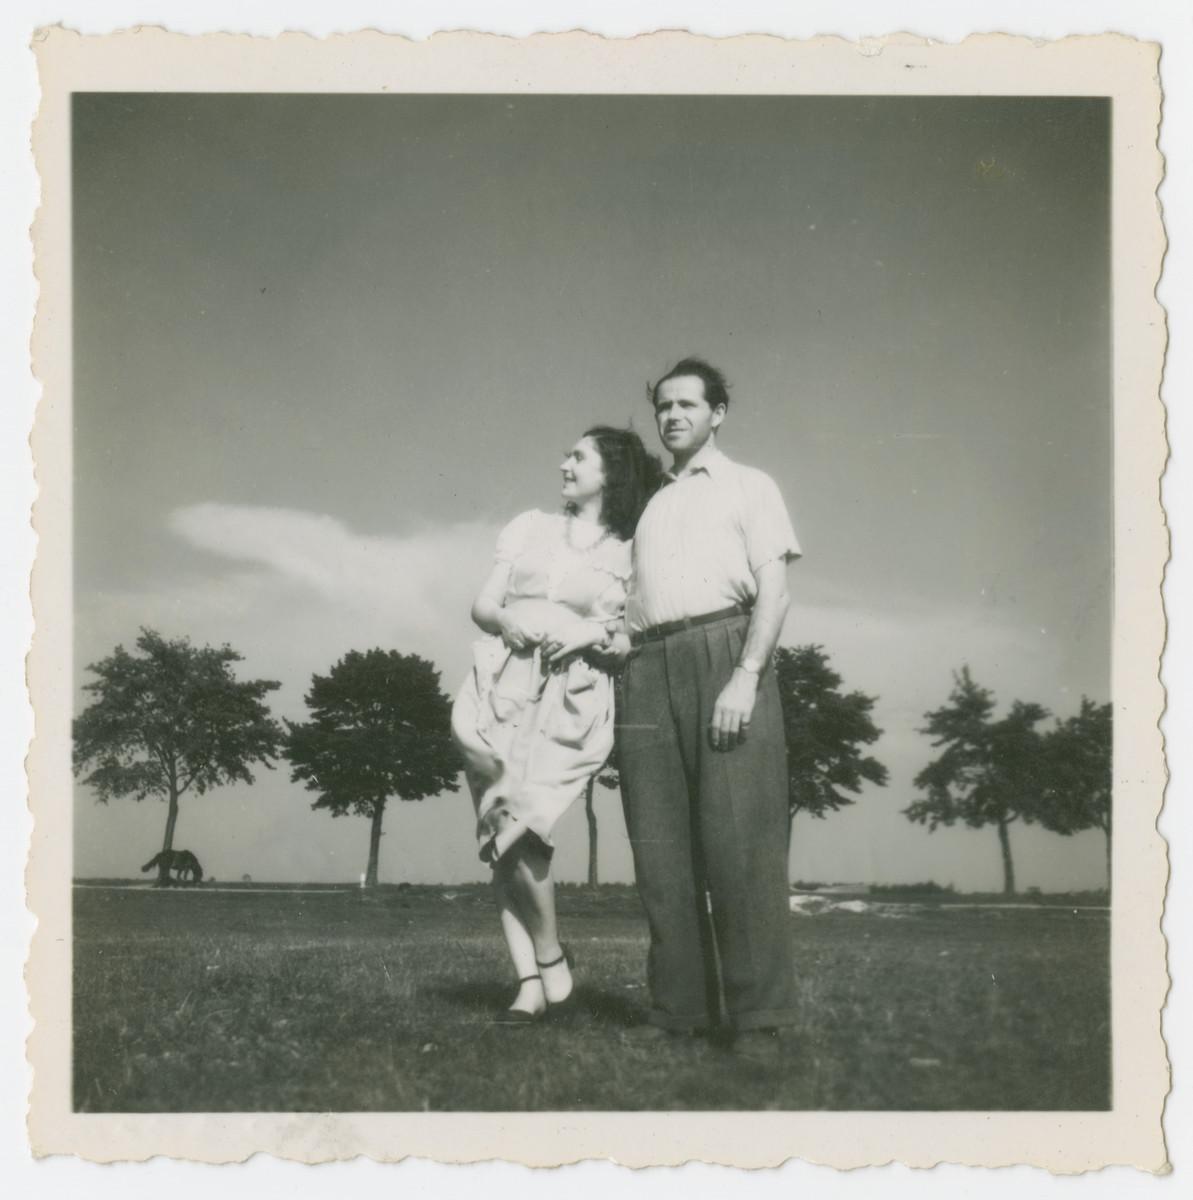 Ada and Rafael Abrahamer stand in a field in postwar Austria.